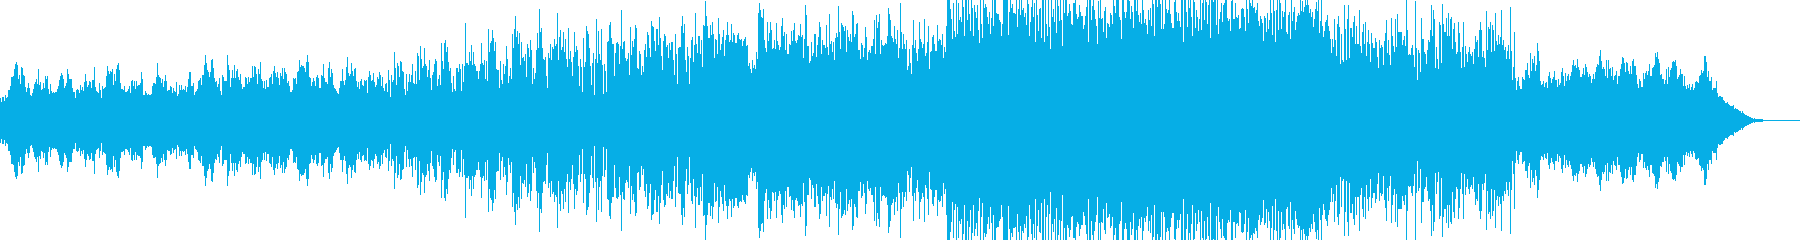 シネマティック風BGMの再生済みの波形